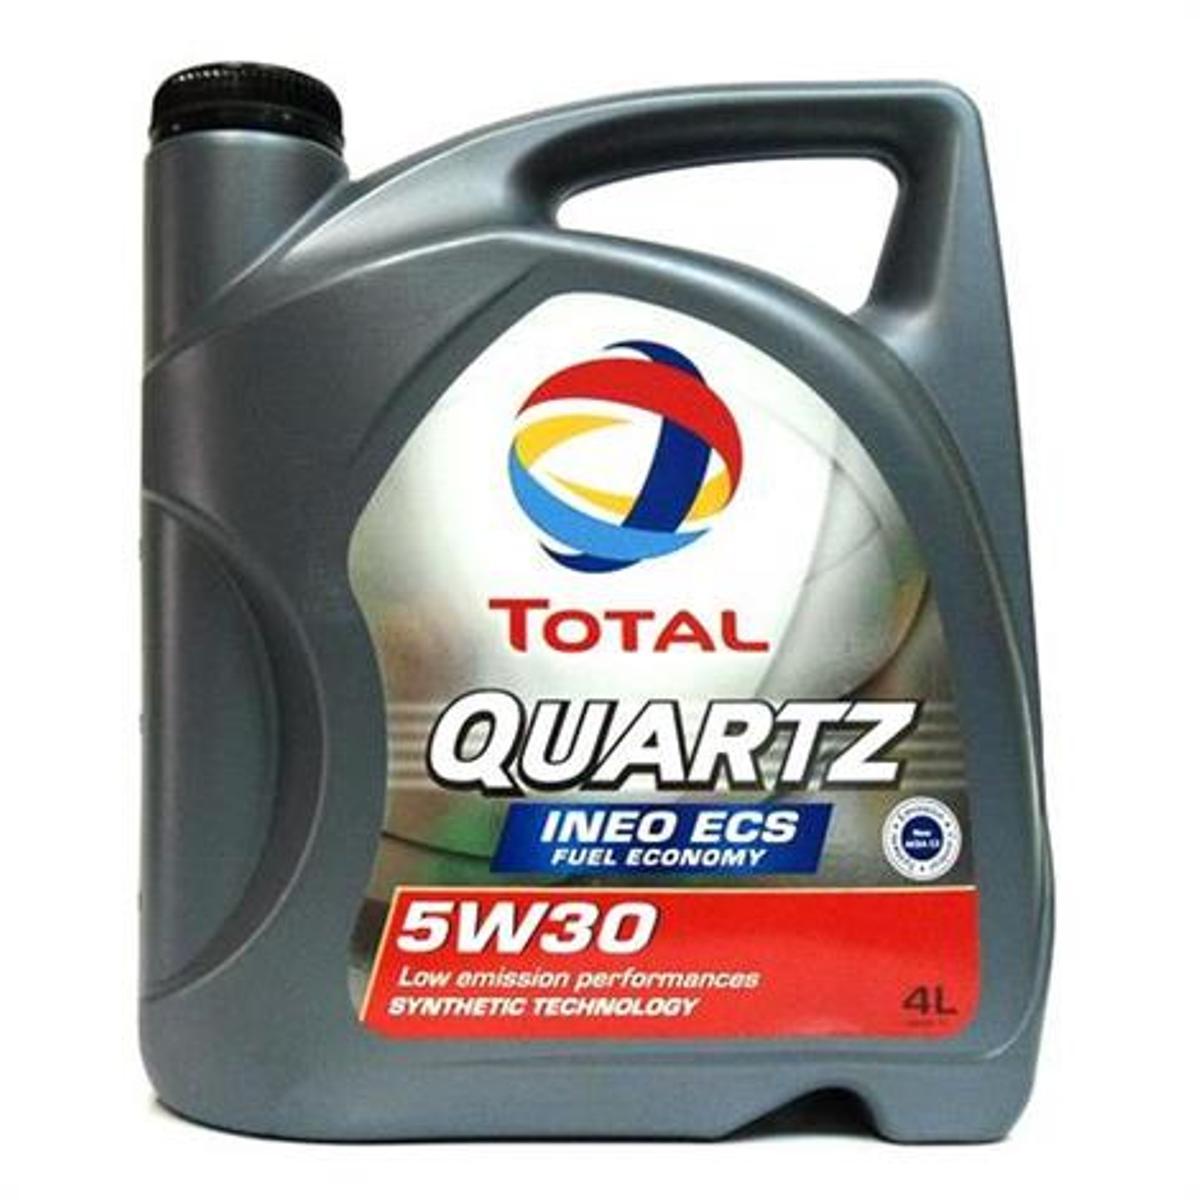 Моторное масло Total Quartz Ineo ECS 5w-30, 4 лS03301004Моторное масло нового поколения с пониженной сульфатной зольностью и низким содержанием фосфора и серы, специально разработанное для двигателей PEUGEOT и CITROEN. Это высокотехнологичное масло позволяет экономить топливо и оптимизирует функционирование систем контроля над выпуском загрязняющих веществ в атмосферу, например, дизельных сажевых фильтров.Одобрения• QUARTZ INEO ECS - это единственный смазочный материал с пониженной сульфатной зольностью и низким содержанием фосфора и серы, рекомендуемый изготовителями Peugeot и Citroen: одобрение PSA PEUGEOT & CITROEN B71 2290 • Соответствует техническим требованиям TOYOTA